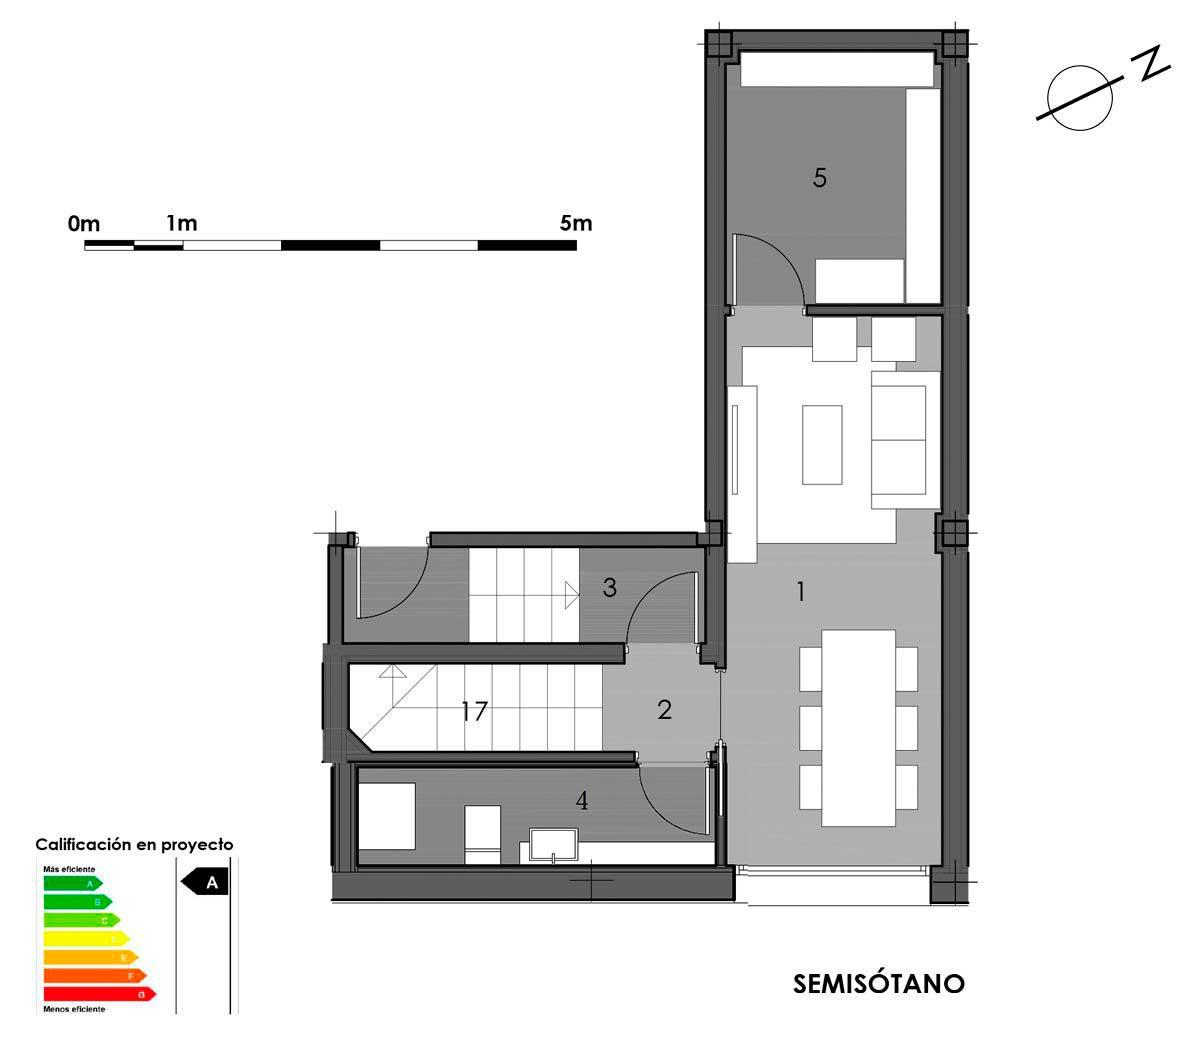 plano semisótano vivienda 5 con aseo en bodega